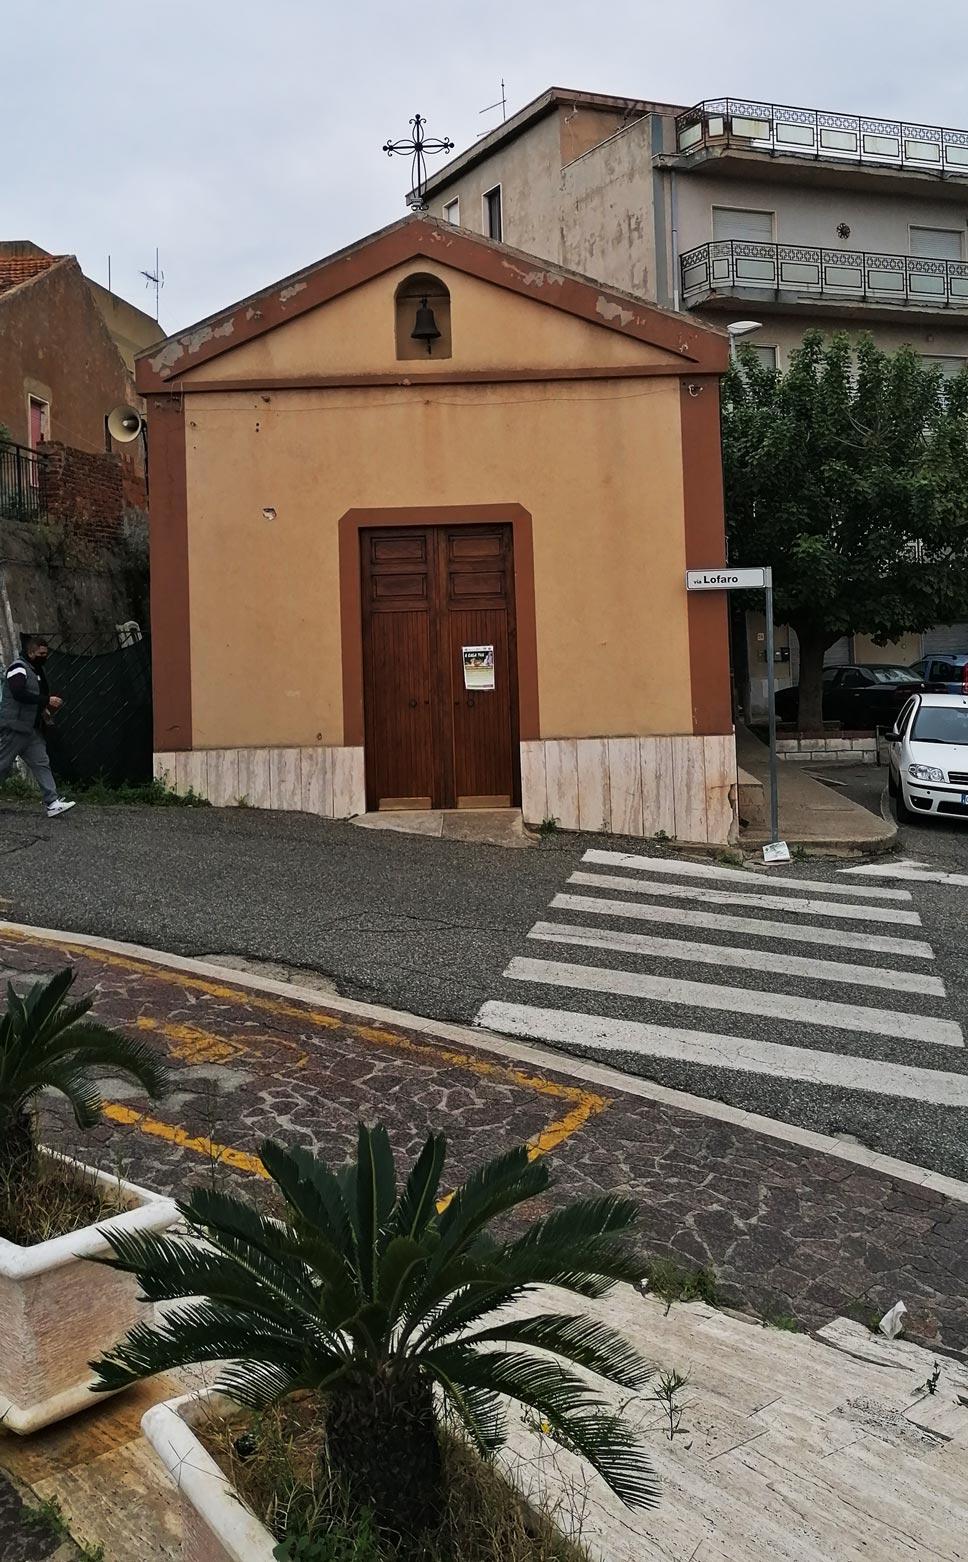 Chiesa_campo_piale